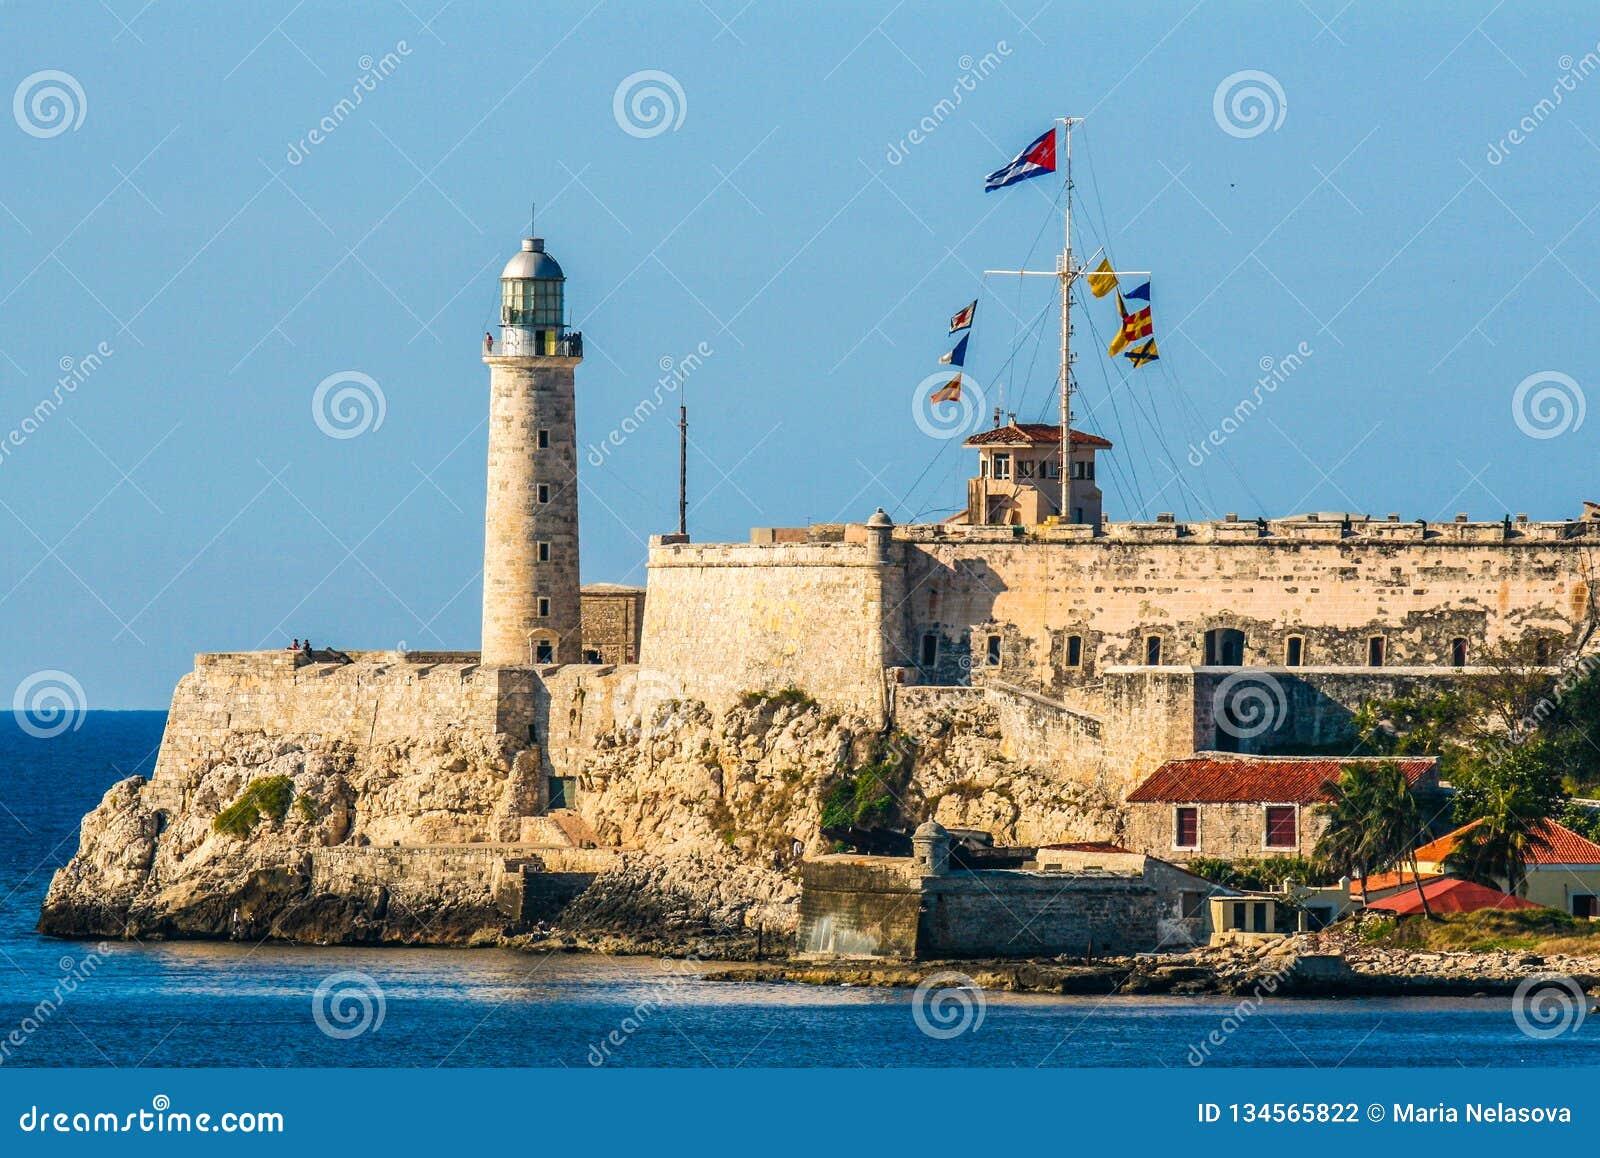 De vesting op de kust van Havana